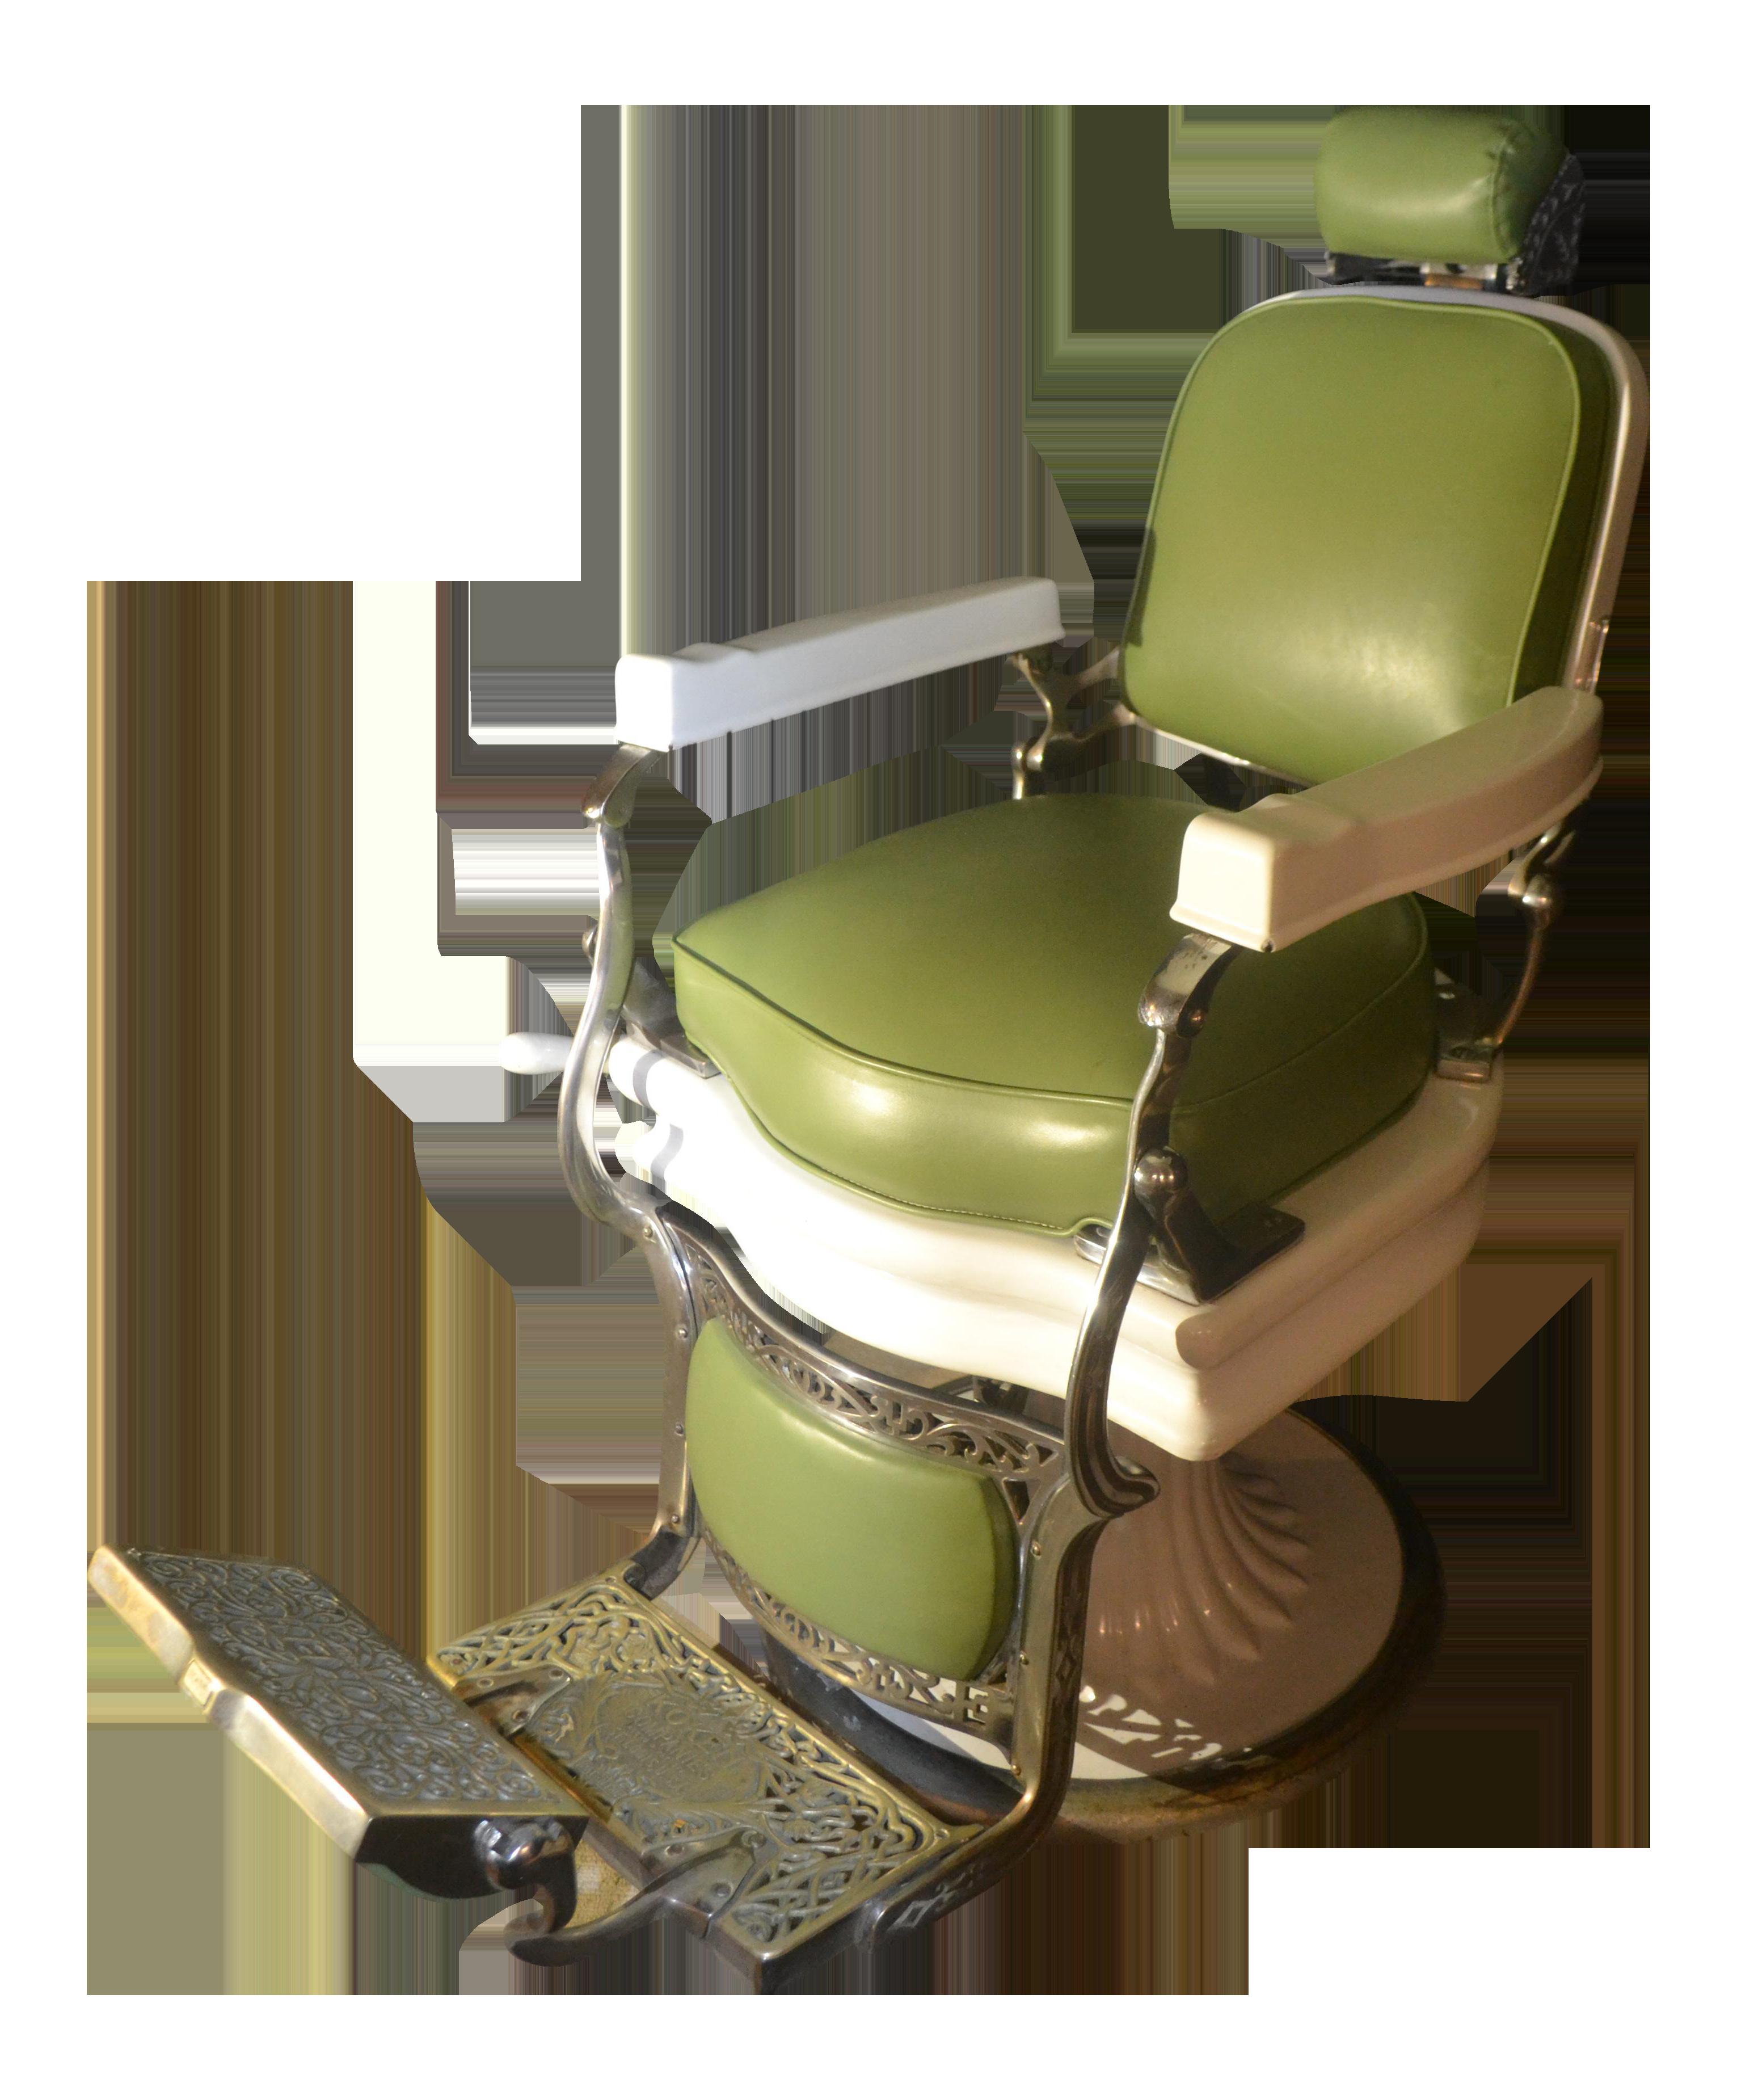 Vintage Grand Central Terminal Koken Barber Chair  sc 1 st  Chairish & 1940s Blue Koken Barber Chair | Chairish